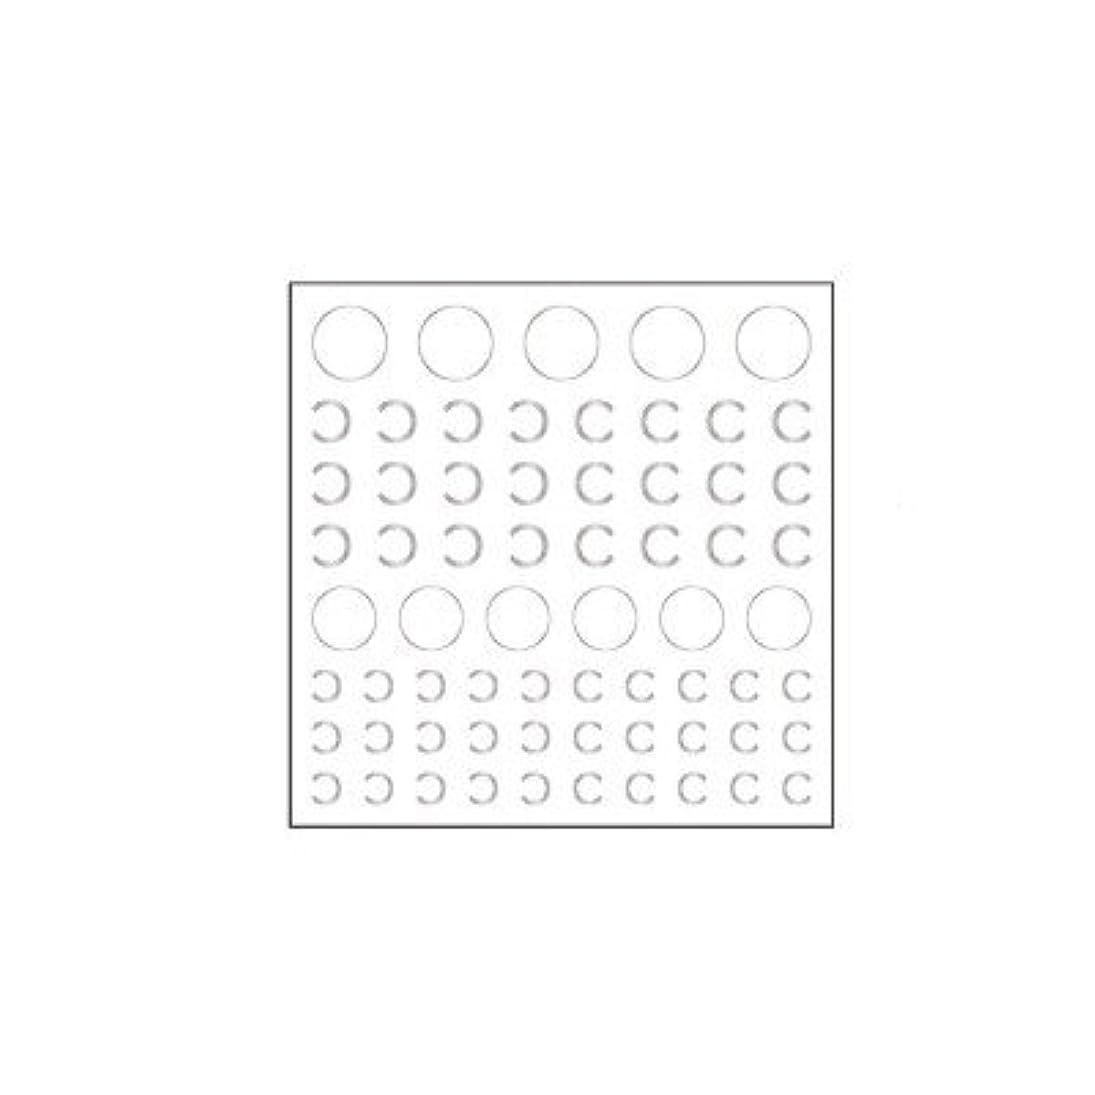 ヘッドレス機構かもしれないネイルシール カットシール ピアドラ pieadra ネイルシール ロゴタイプ C シルバー